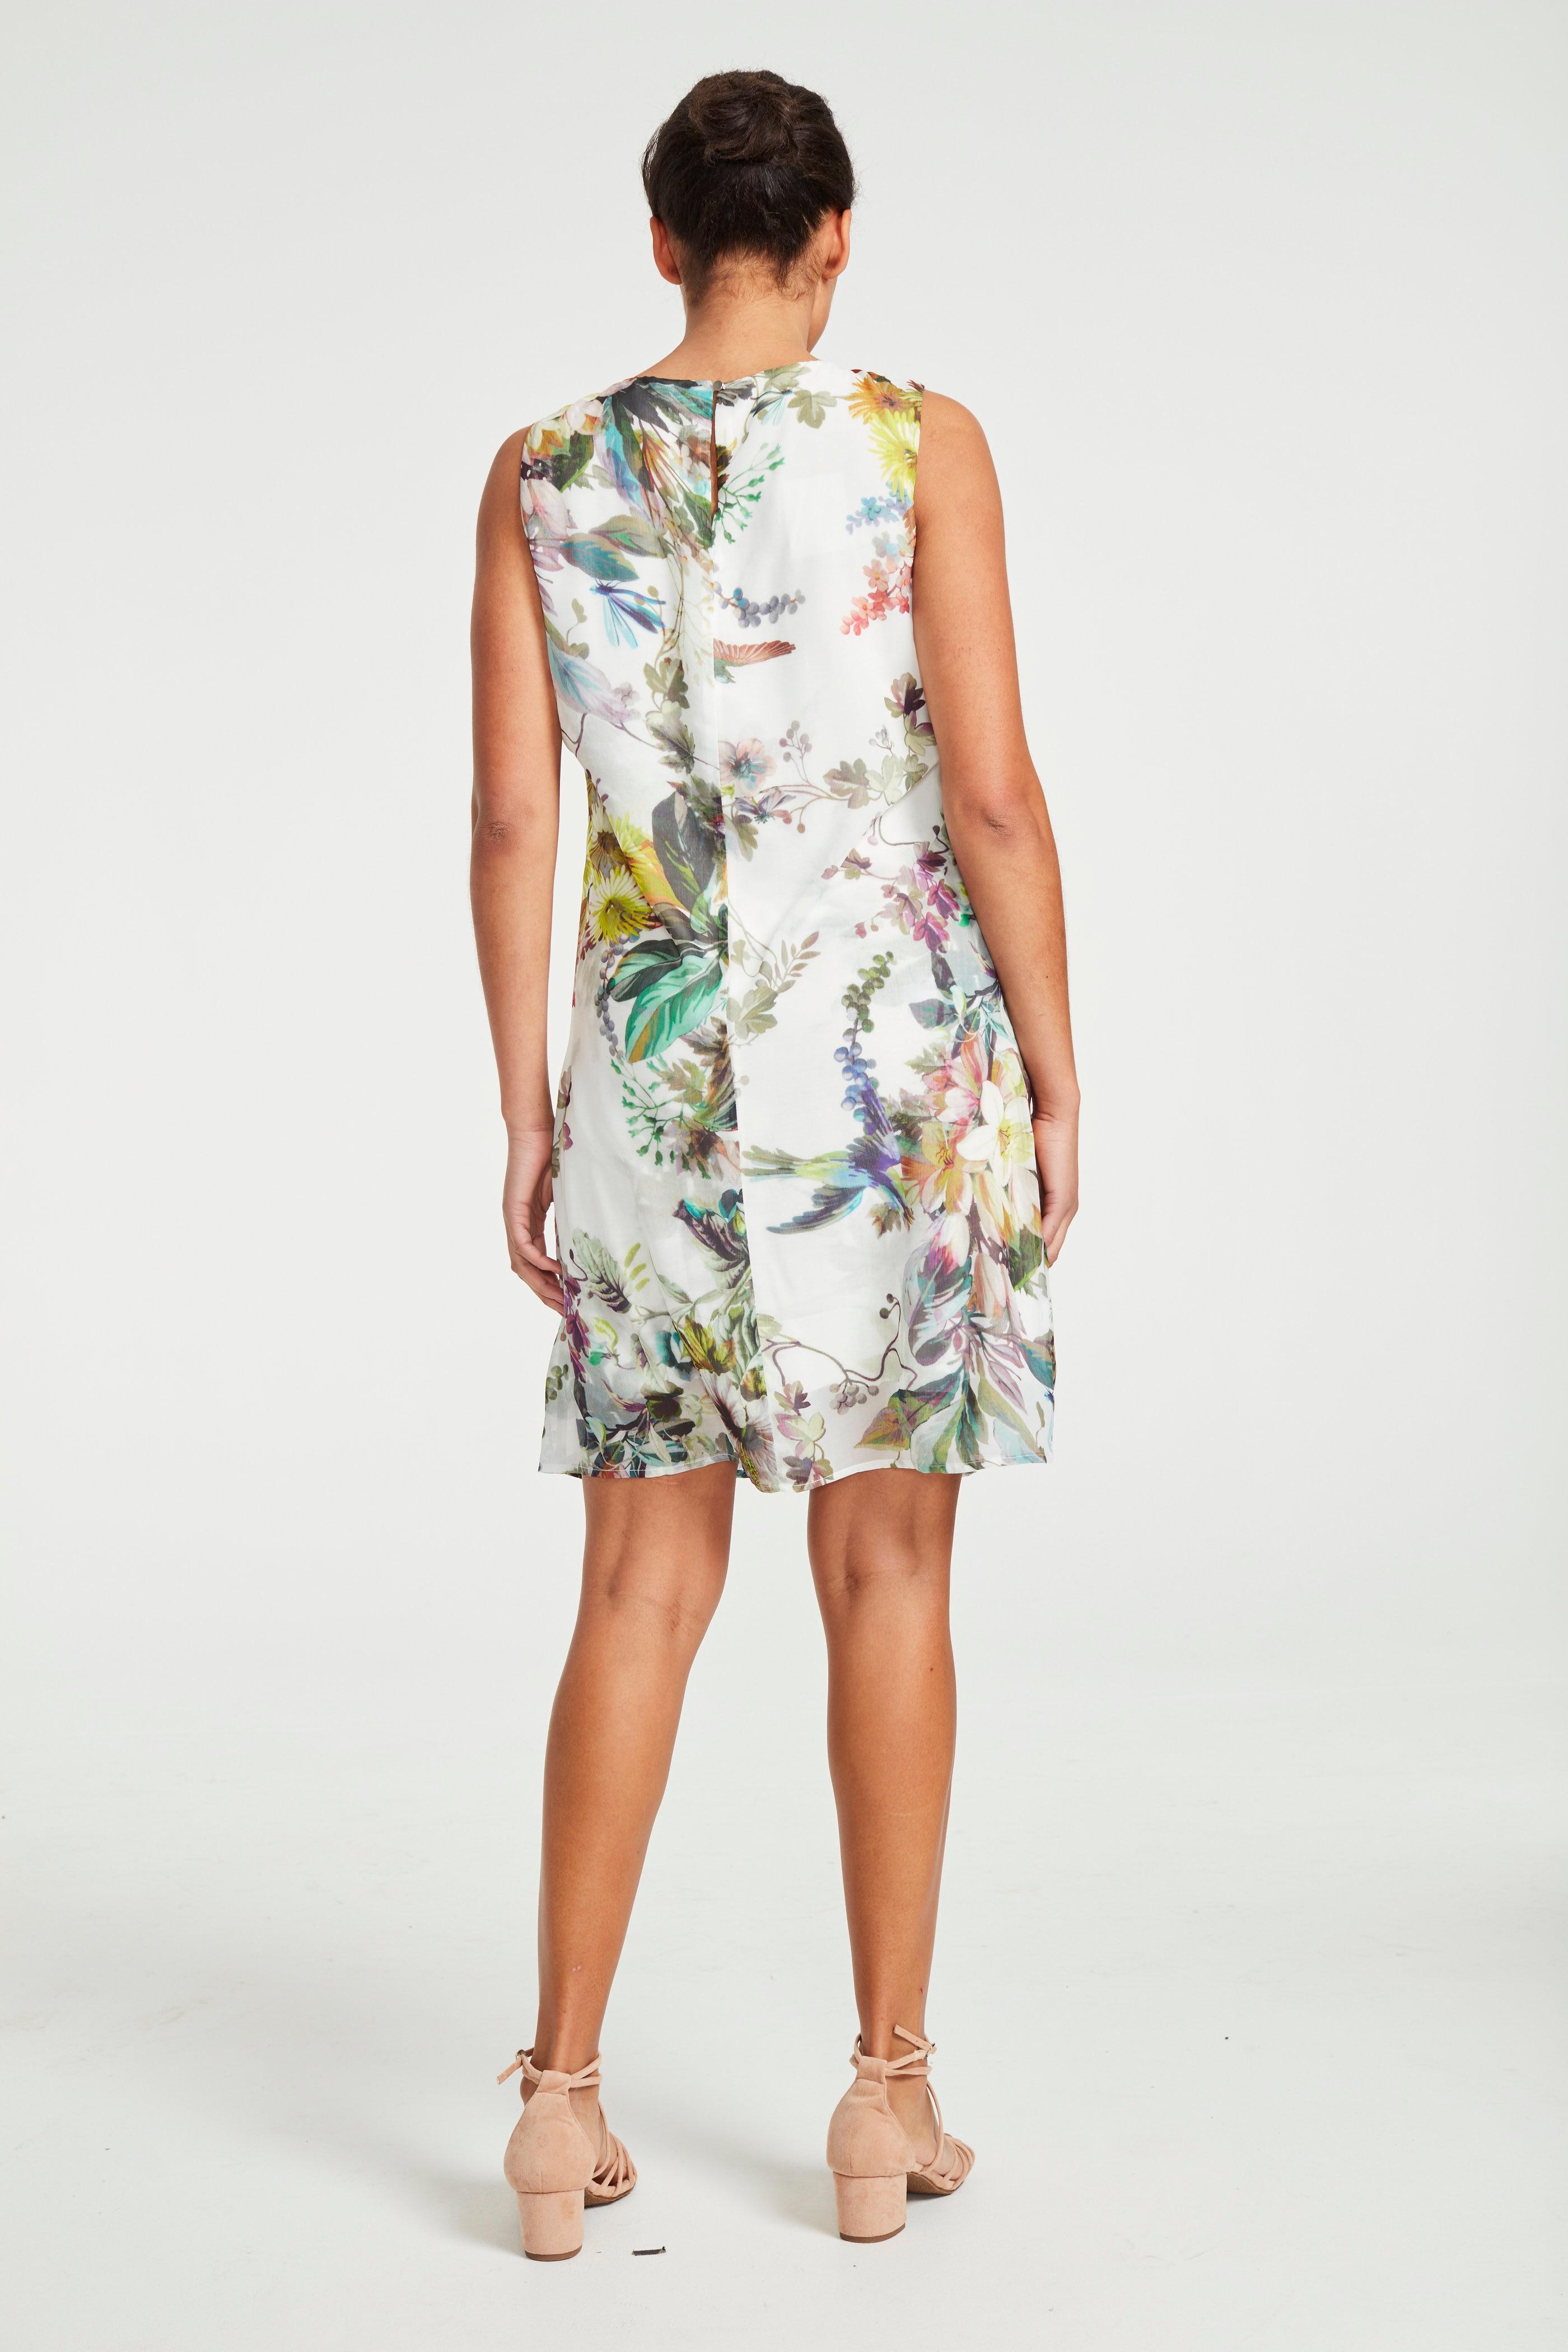 Festfin klänning med blommigt mönster